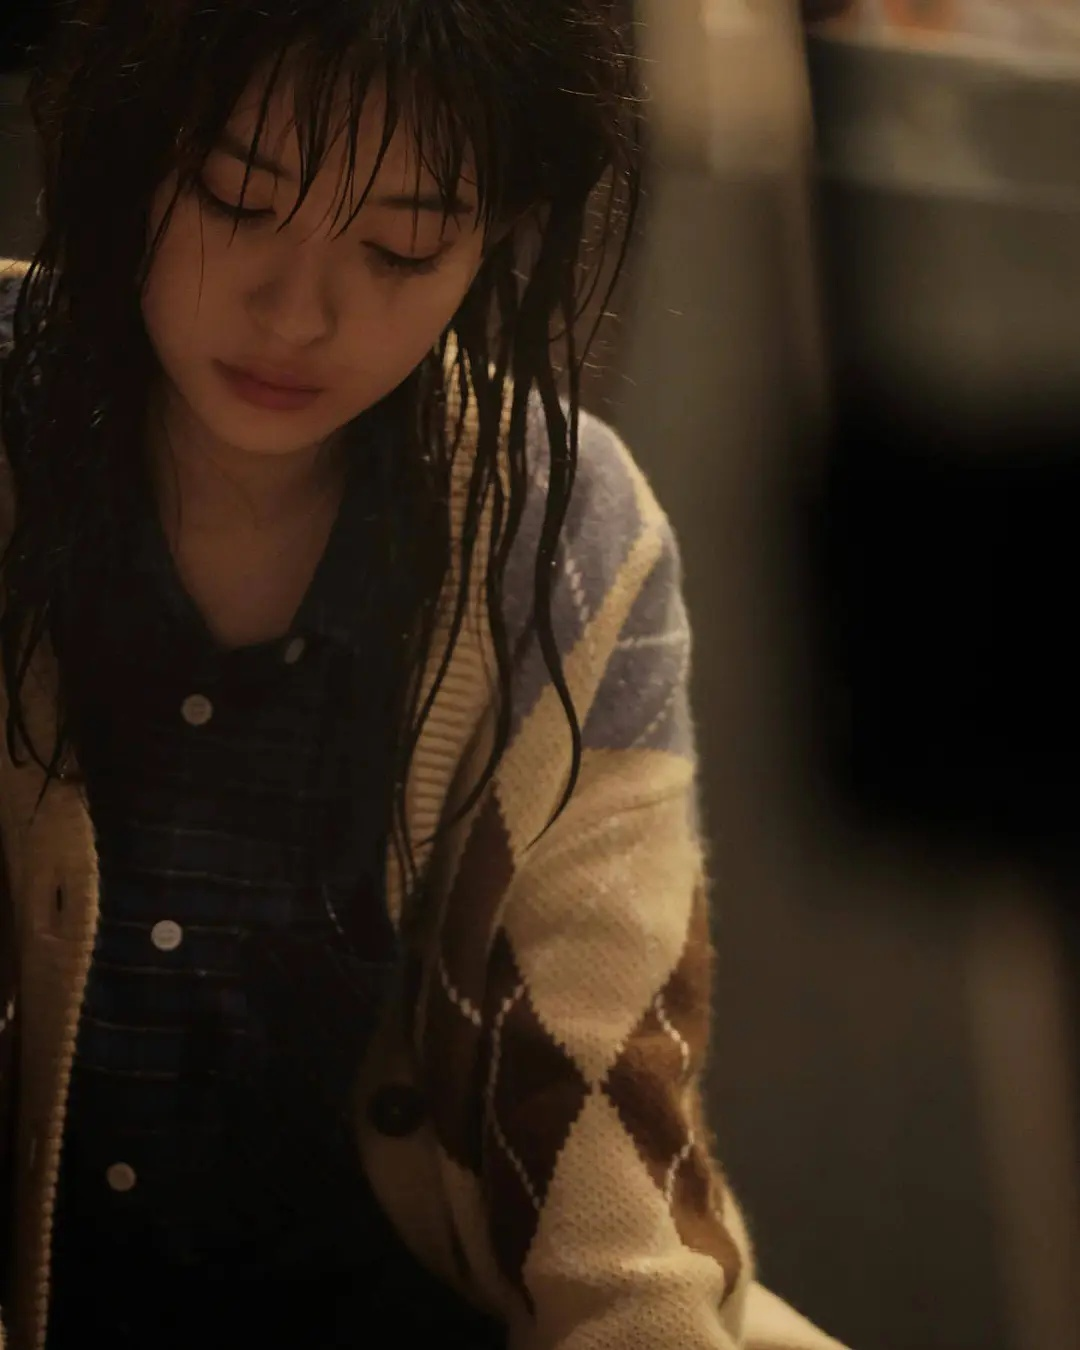 《顶楼》:沈秀莲早已得知吴允熙是凶手,誓要让她付出惨烈代价